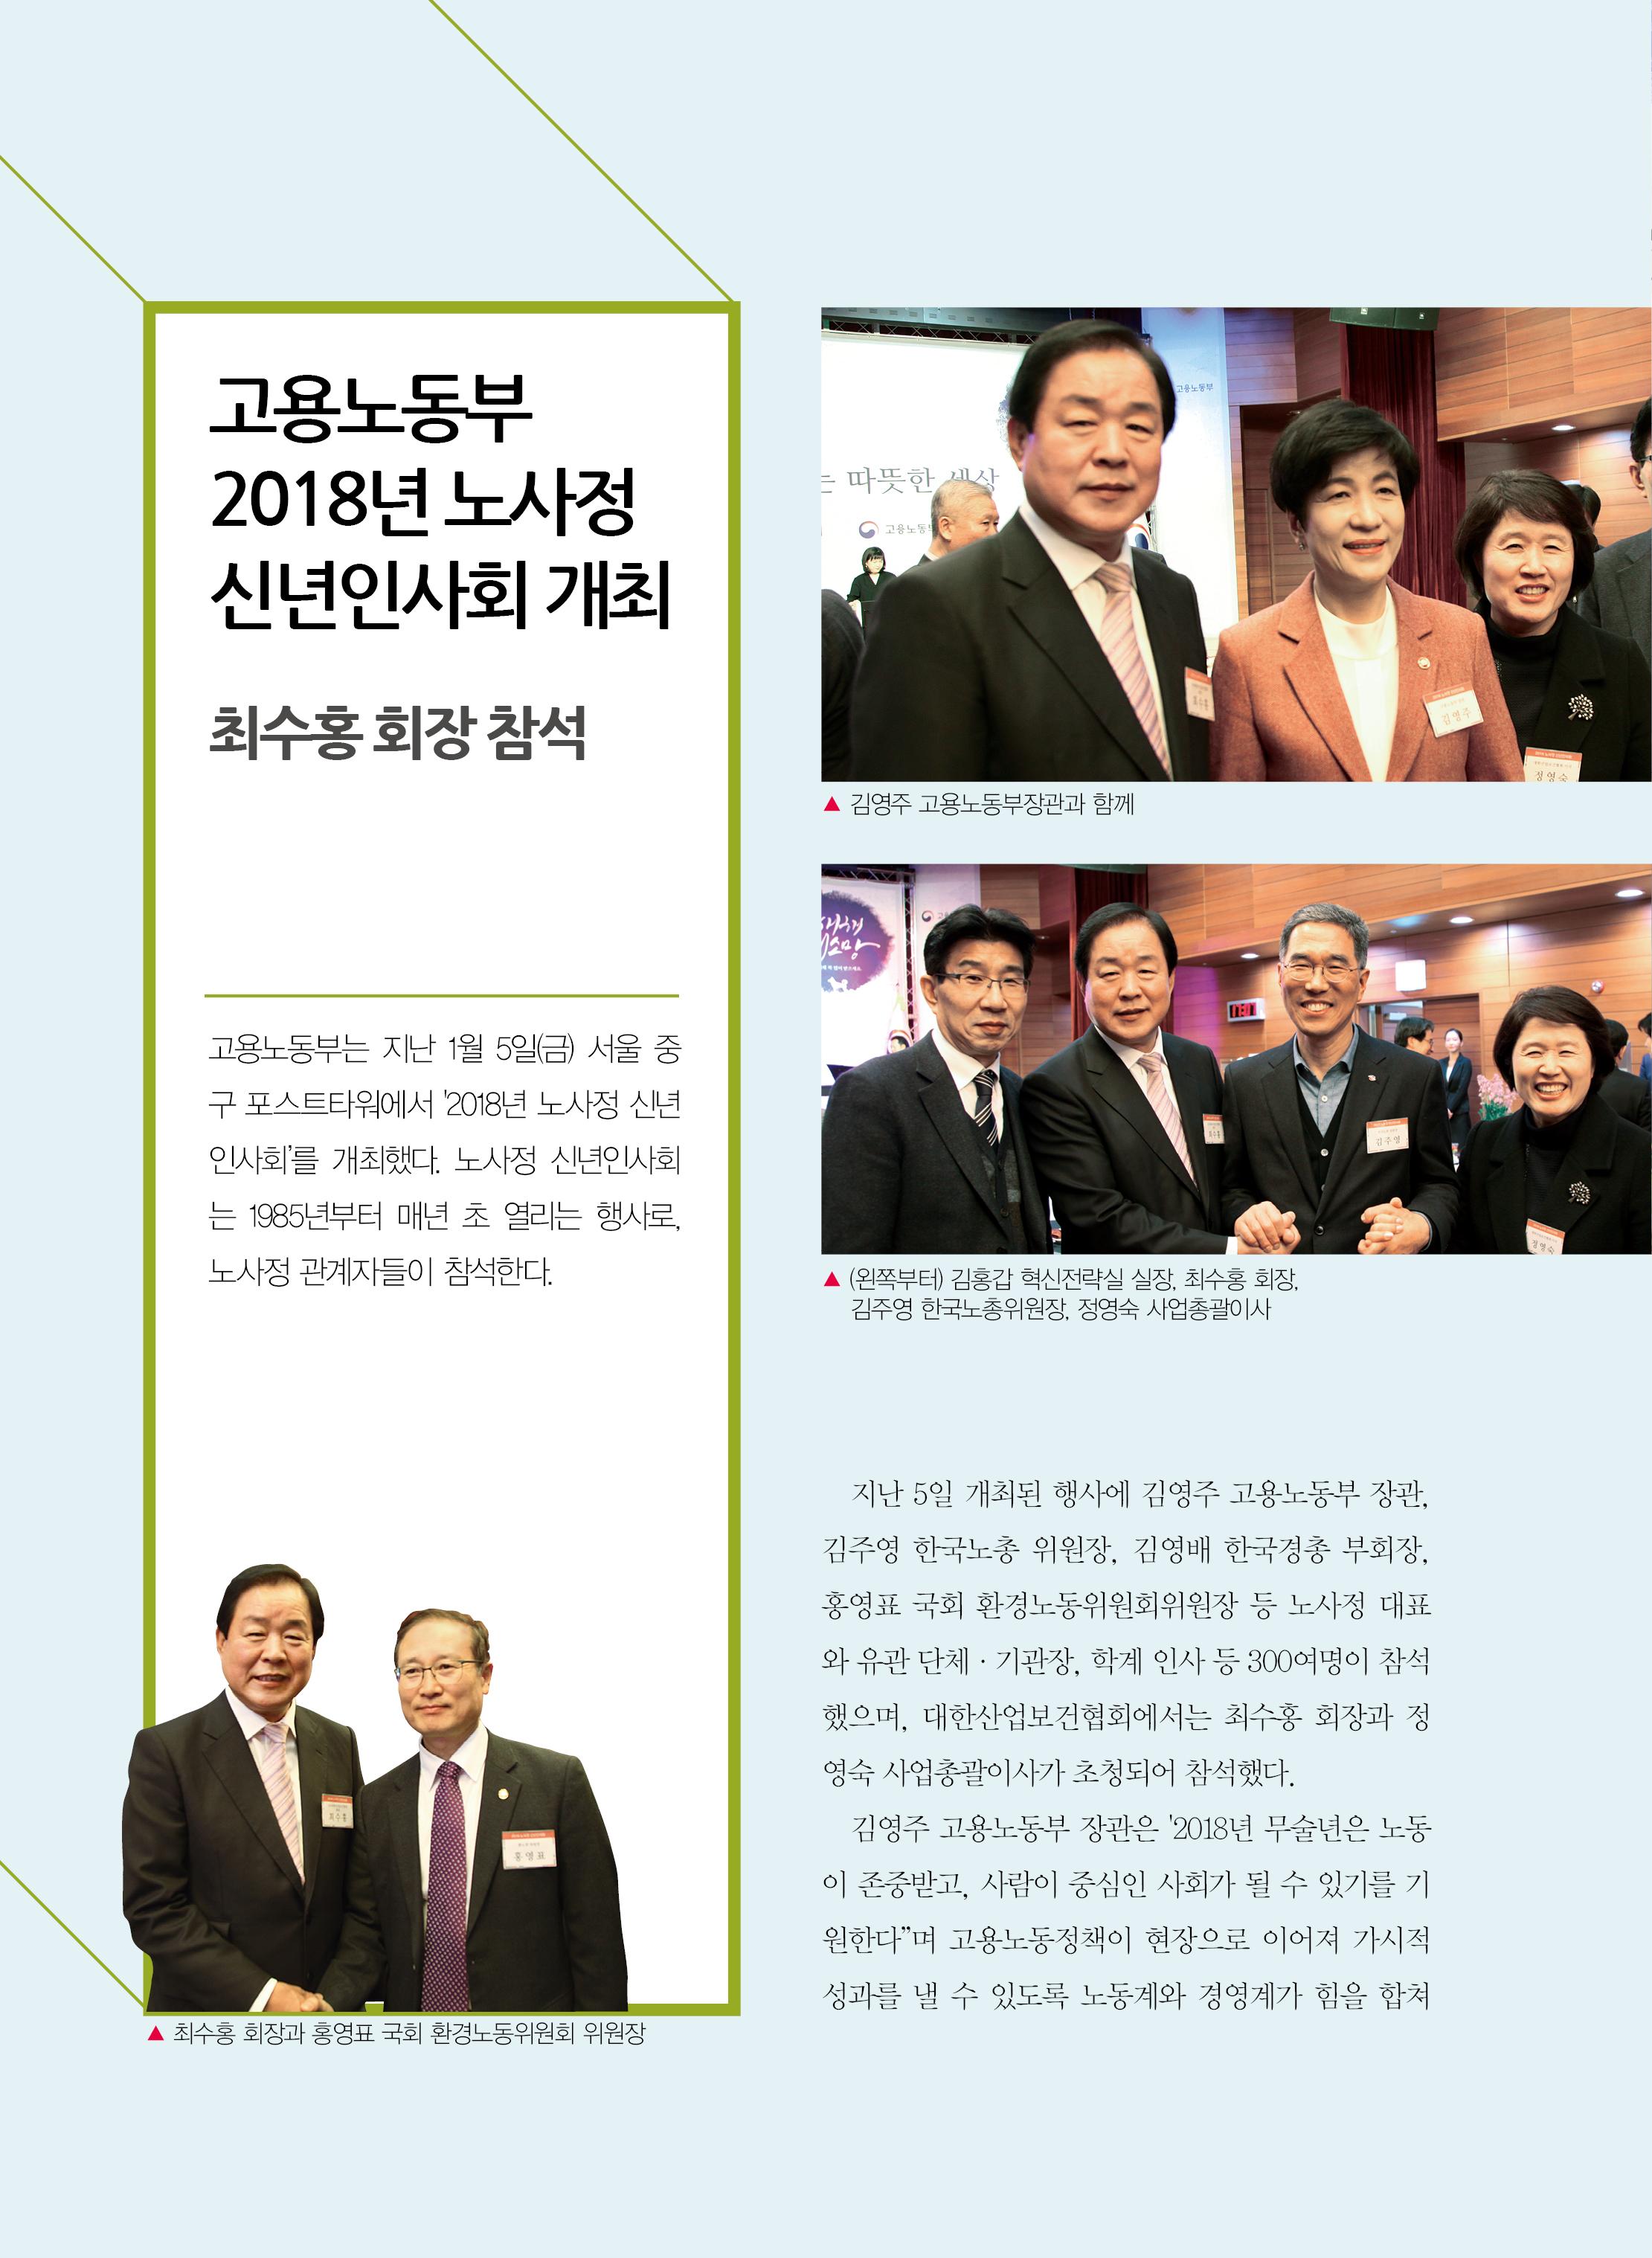 고용노동부 신년회 소식_3차 1